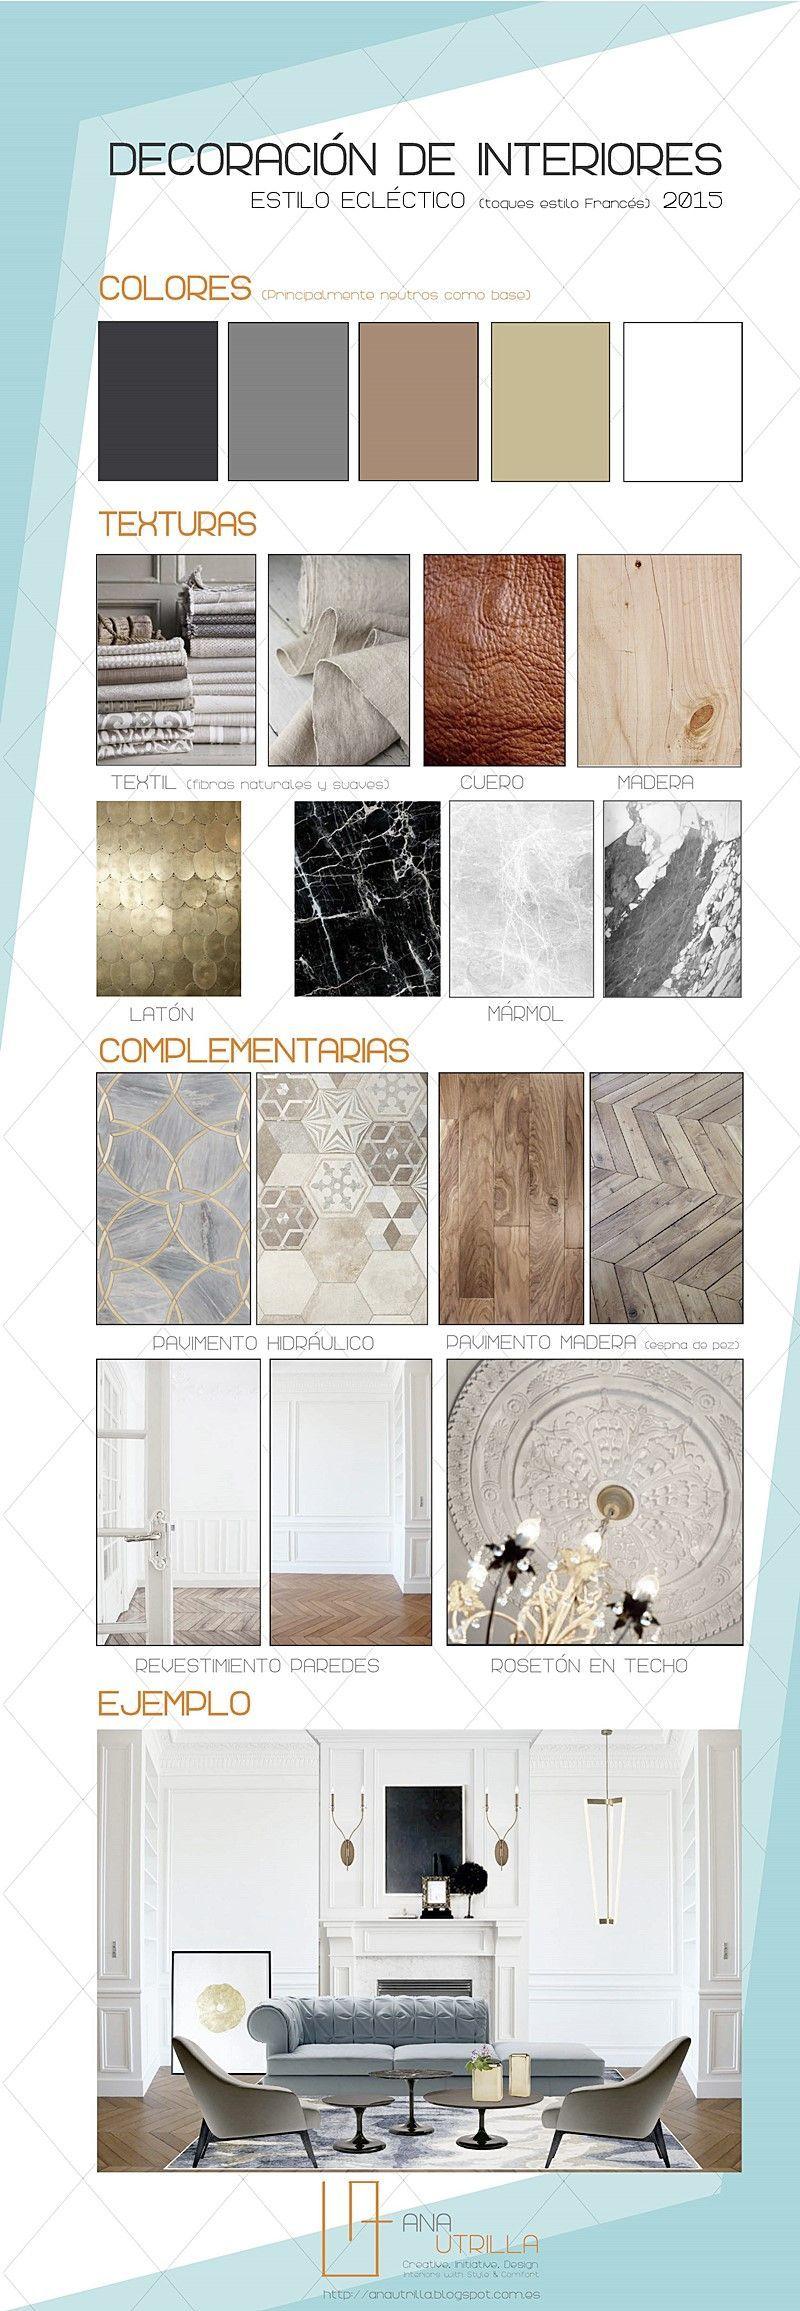 Infografía cómo decorar con estilo ecléctico elegante francés cualquier espacio por Ana Utrilla